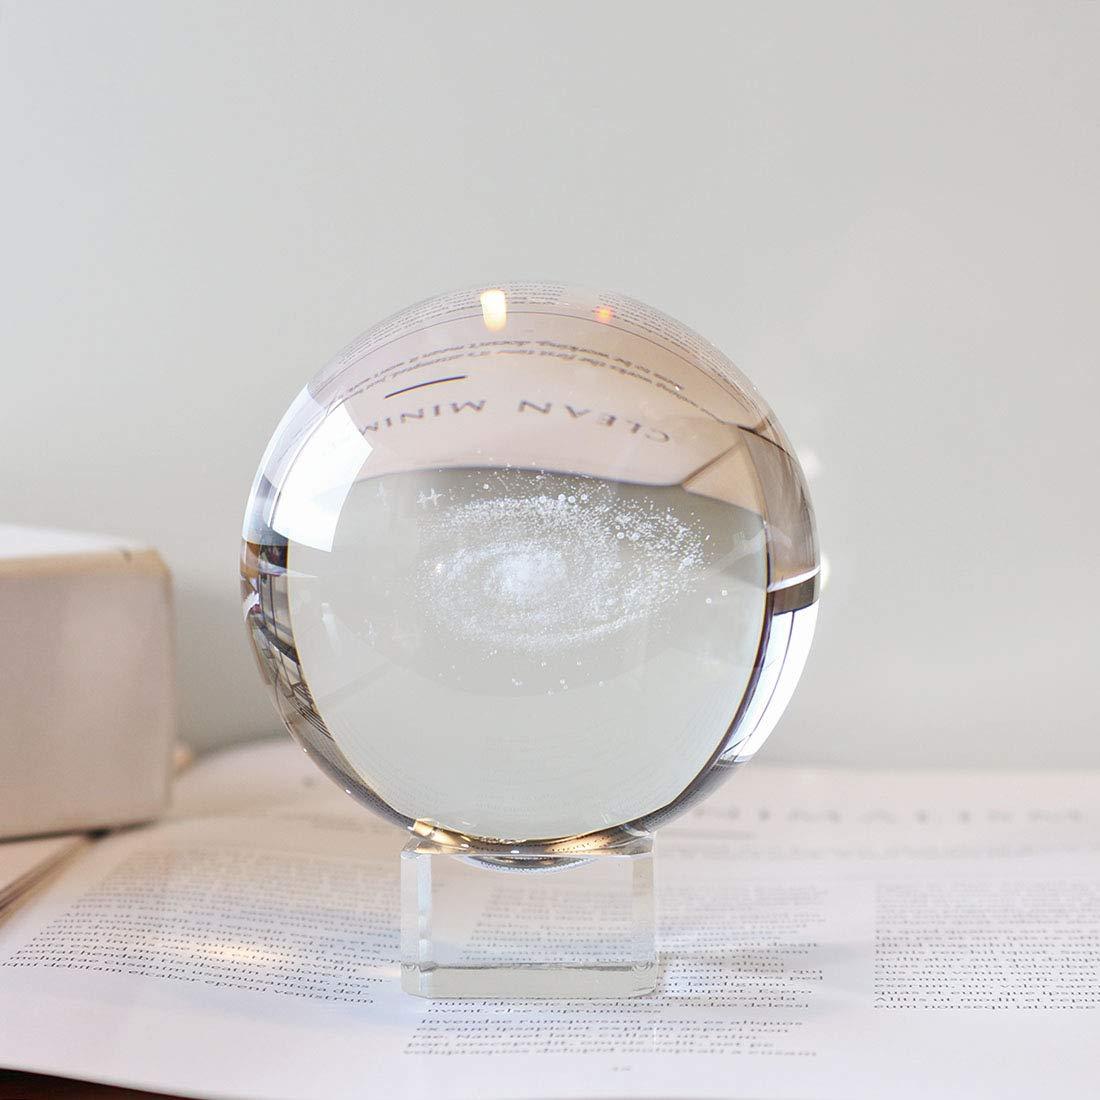 Inconnu H /& D Galaxy Boule de Cristal Boule de Verre /écran Globe Presse-Papier Gu/érison m/éditation Boule avec Support Transparent pour Creative FENGSHUI Cadeau